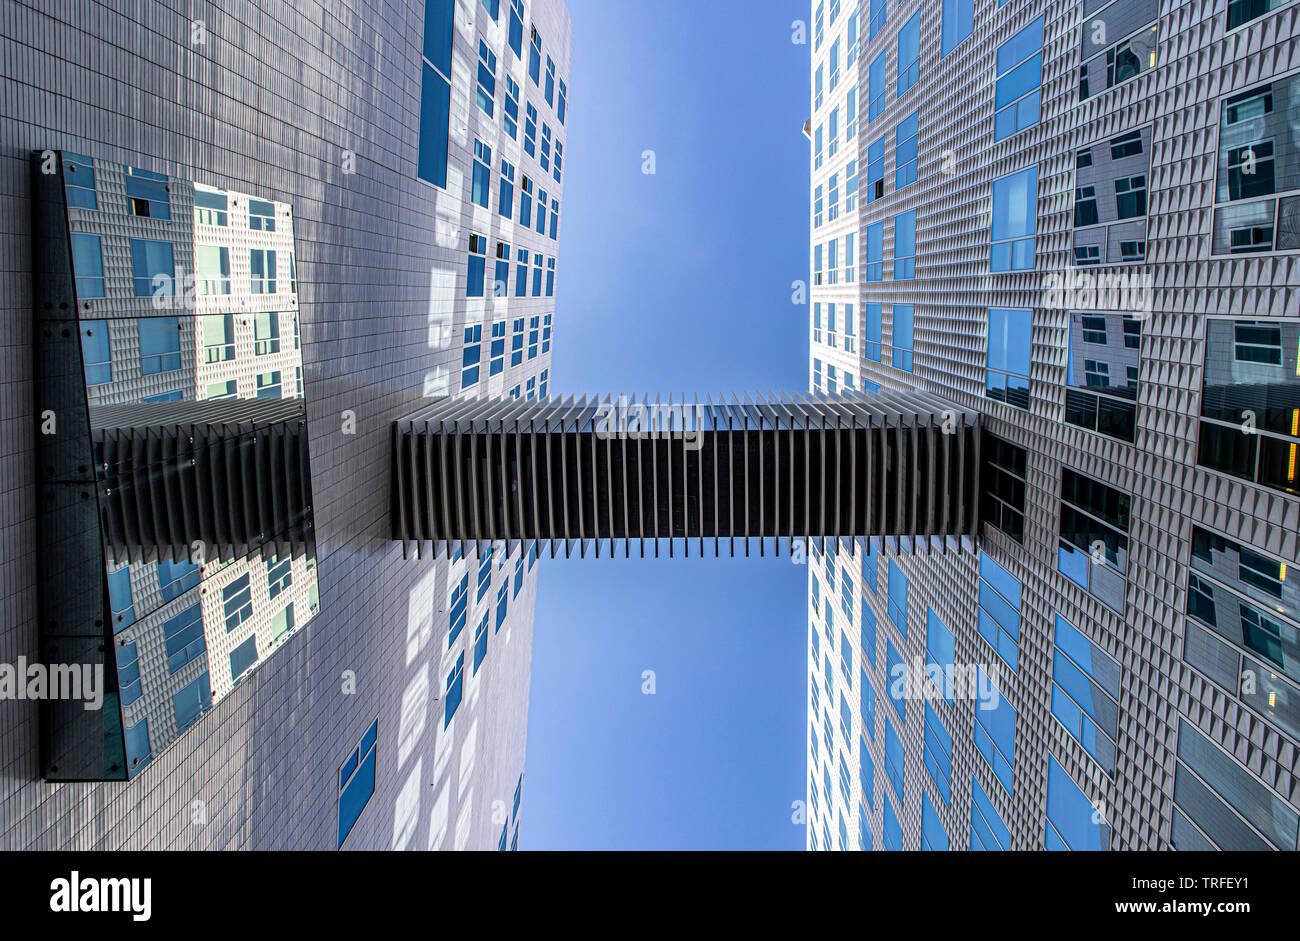 Amsterdam, Niederlande, Hauskomplex Idock Insel, ehemalig Westerdoksdijks, ein moderner Bereich von verschiedenen Büro, Wohn und Verwaltungs Gebäuden, - Stock Image